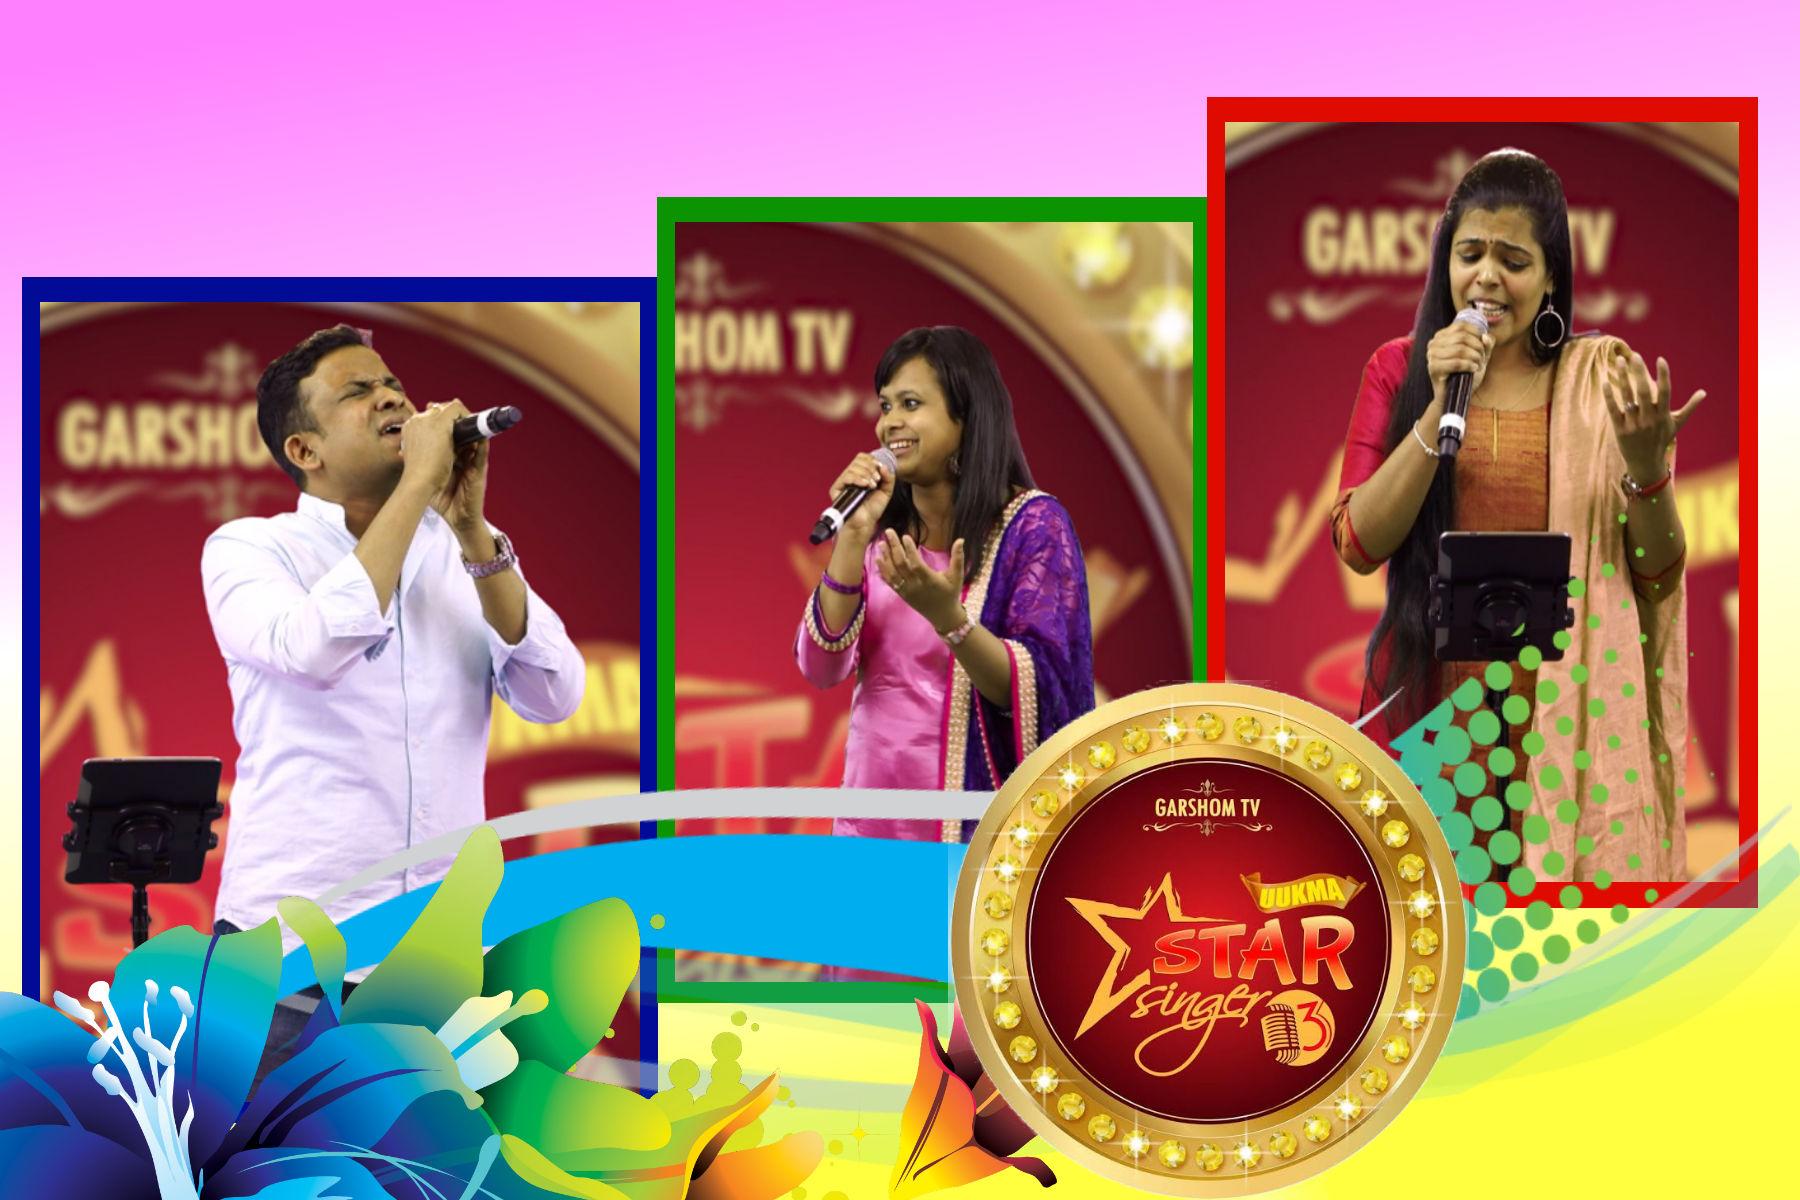 http://uukmanews.com/star-singer030518/